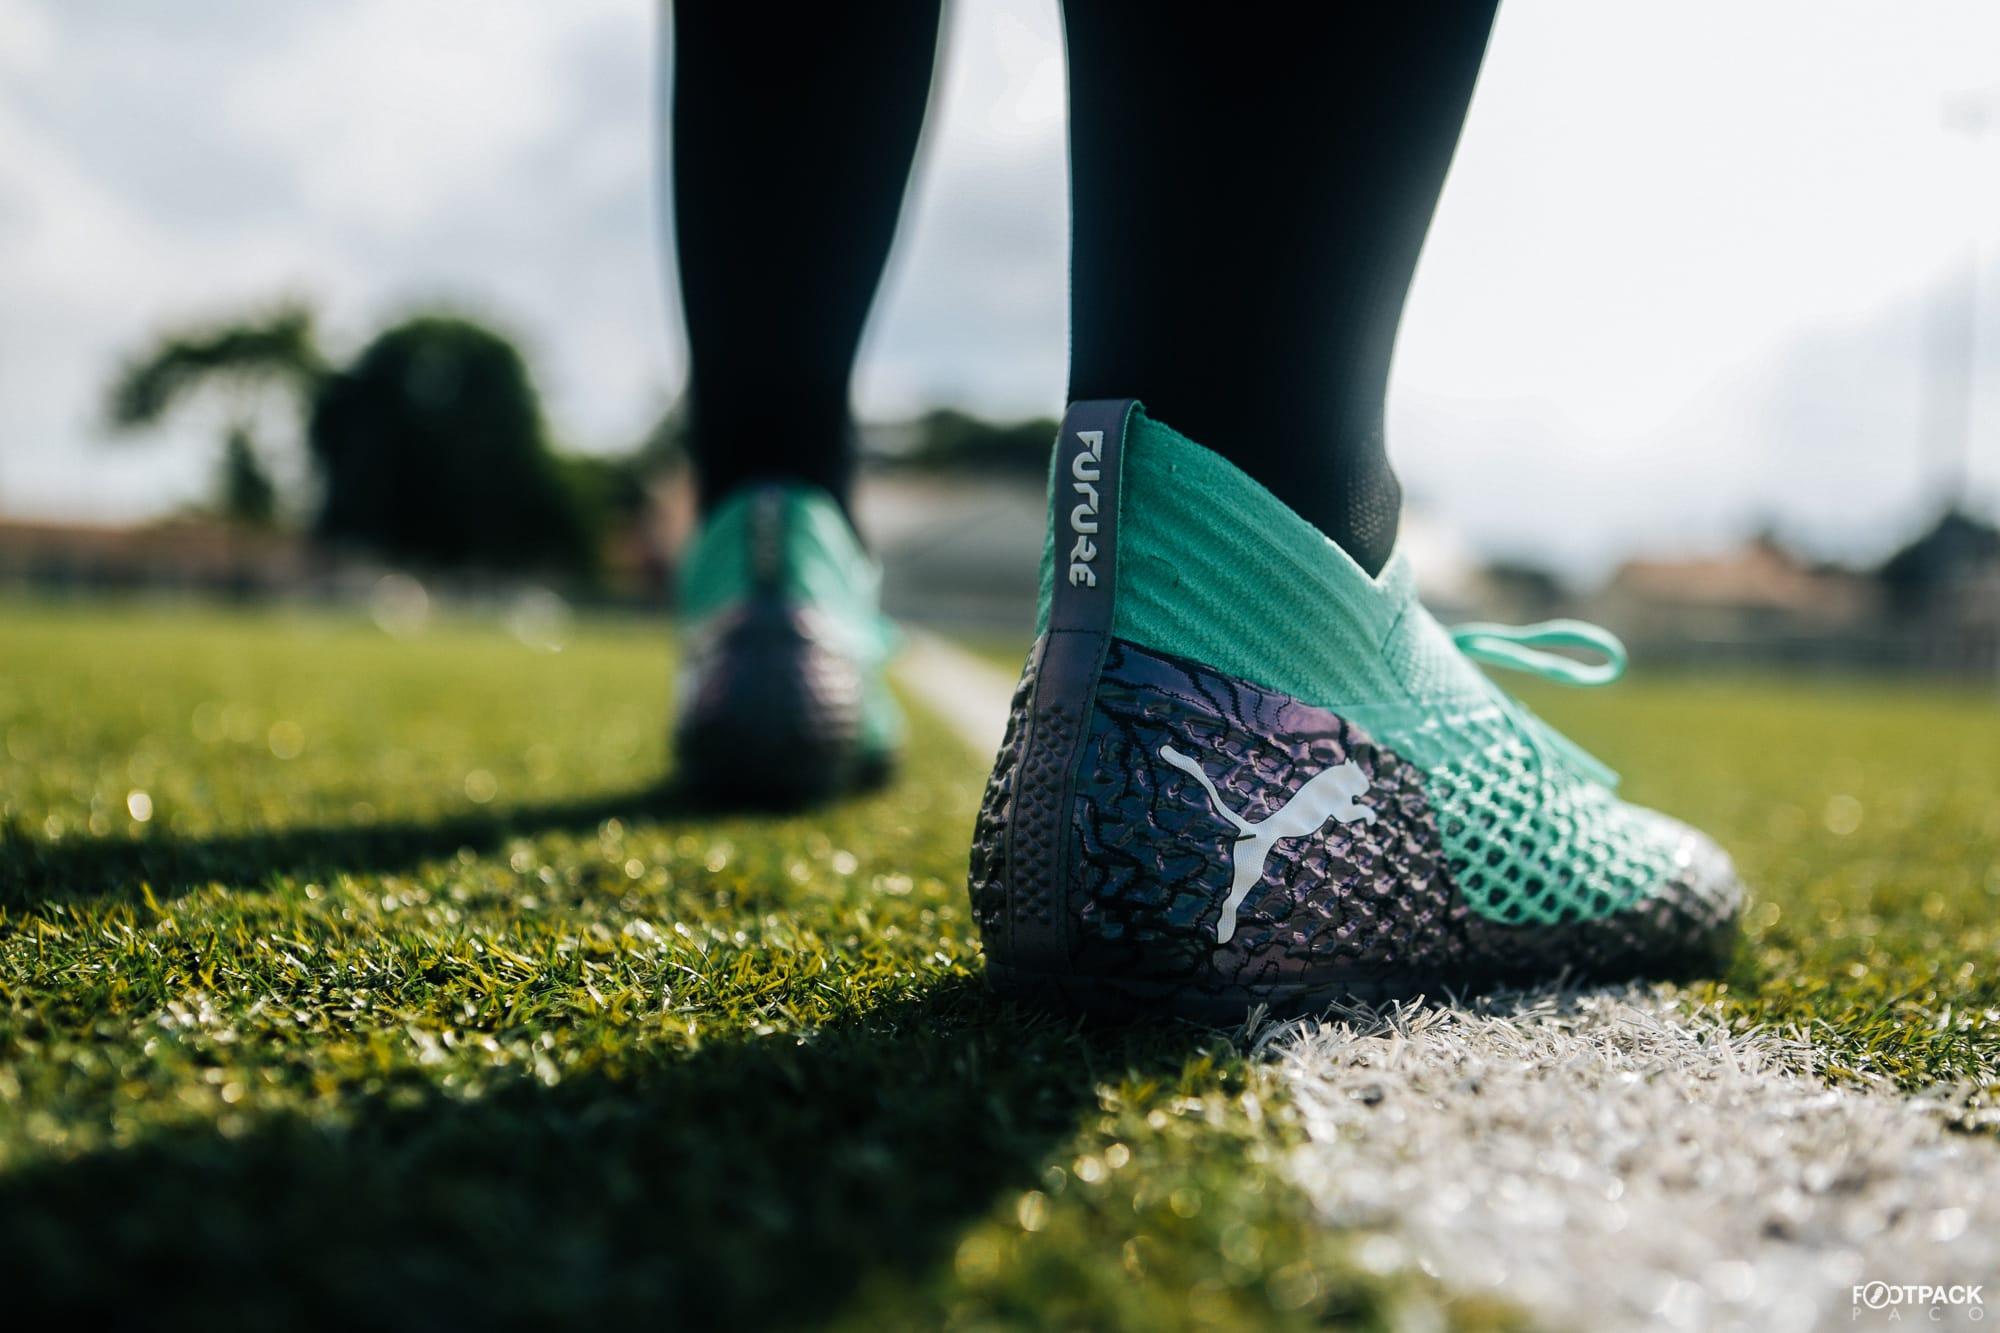 Chaussures-football-puma-future-coupe-du-monde-mai-2018-3